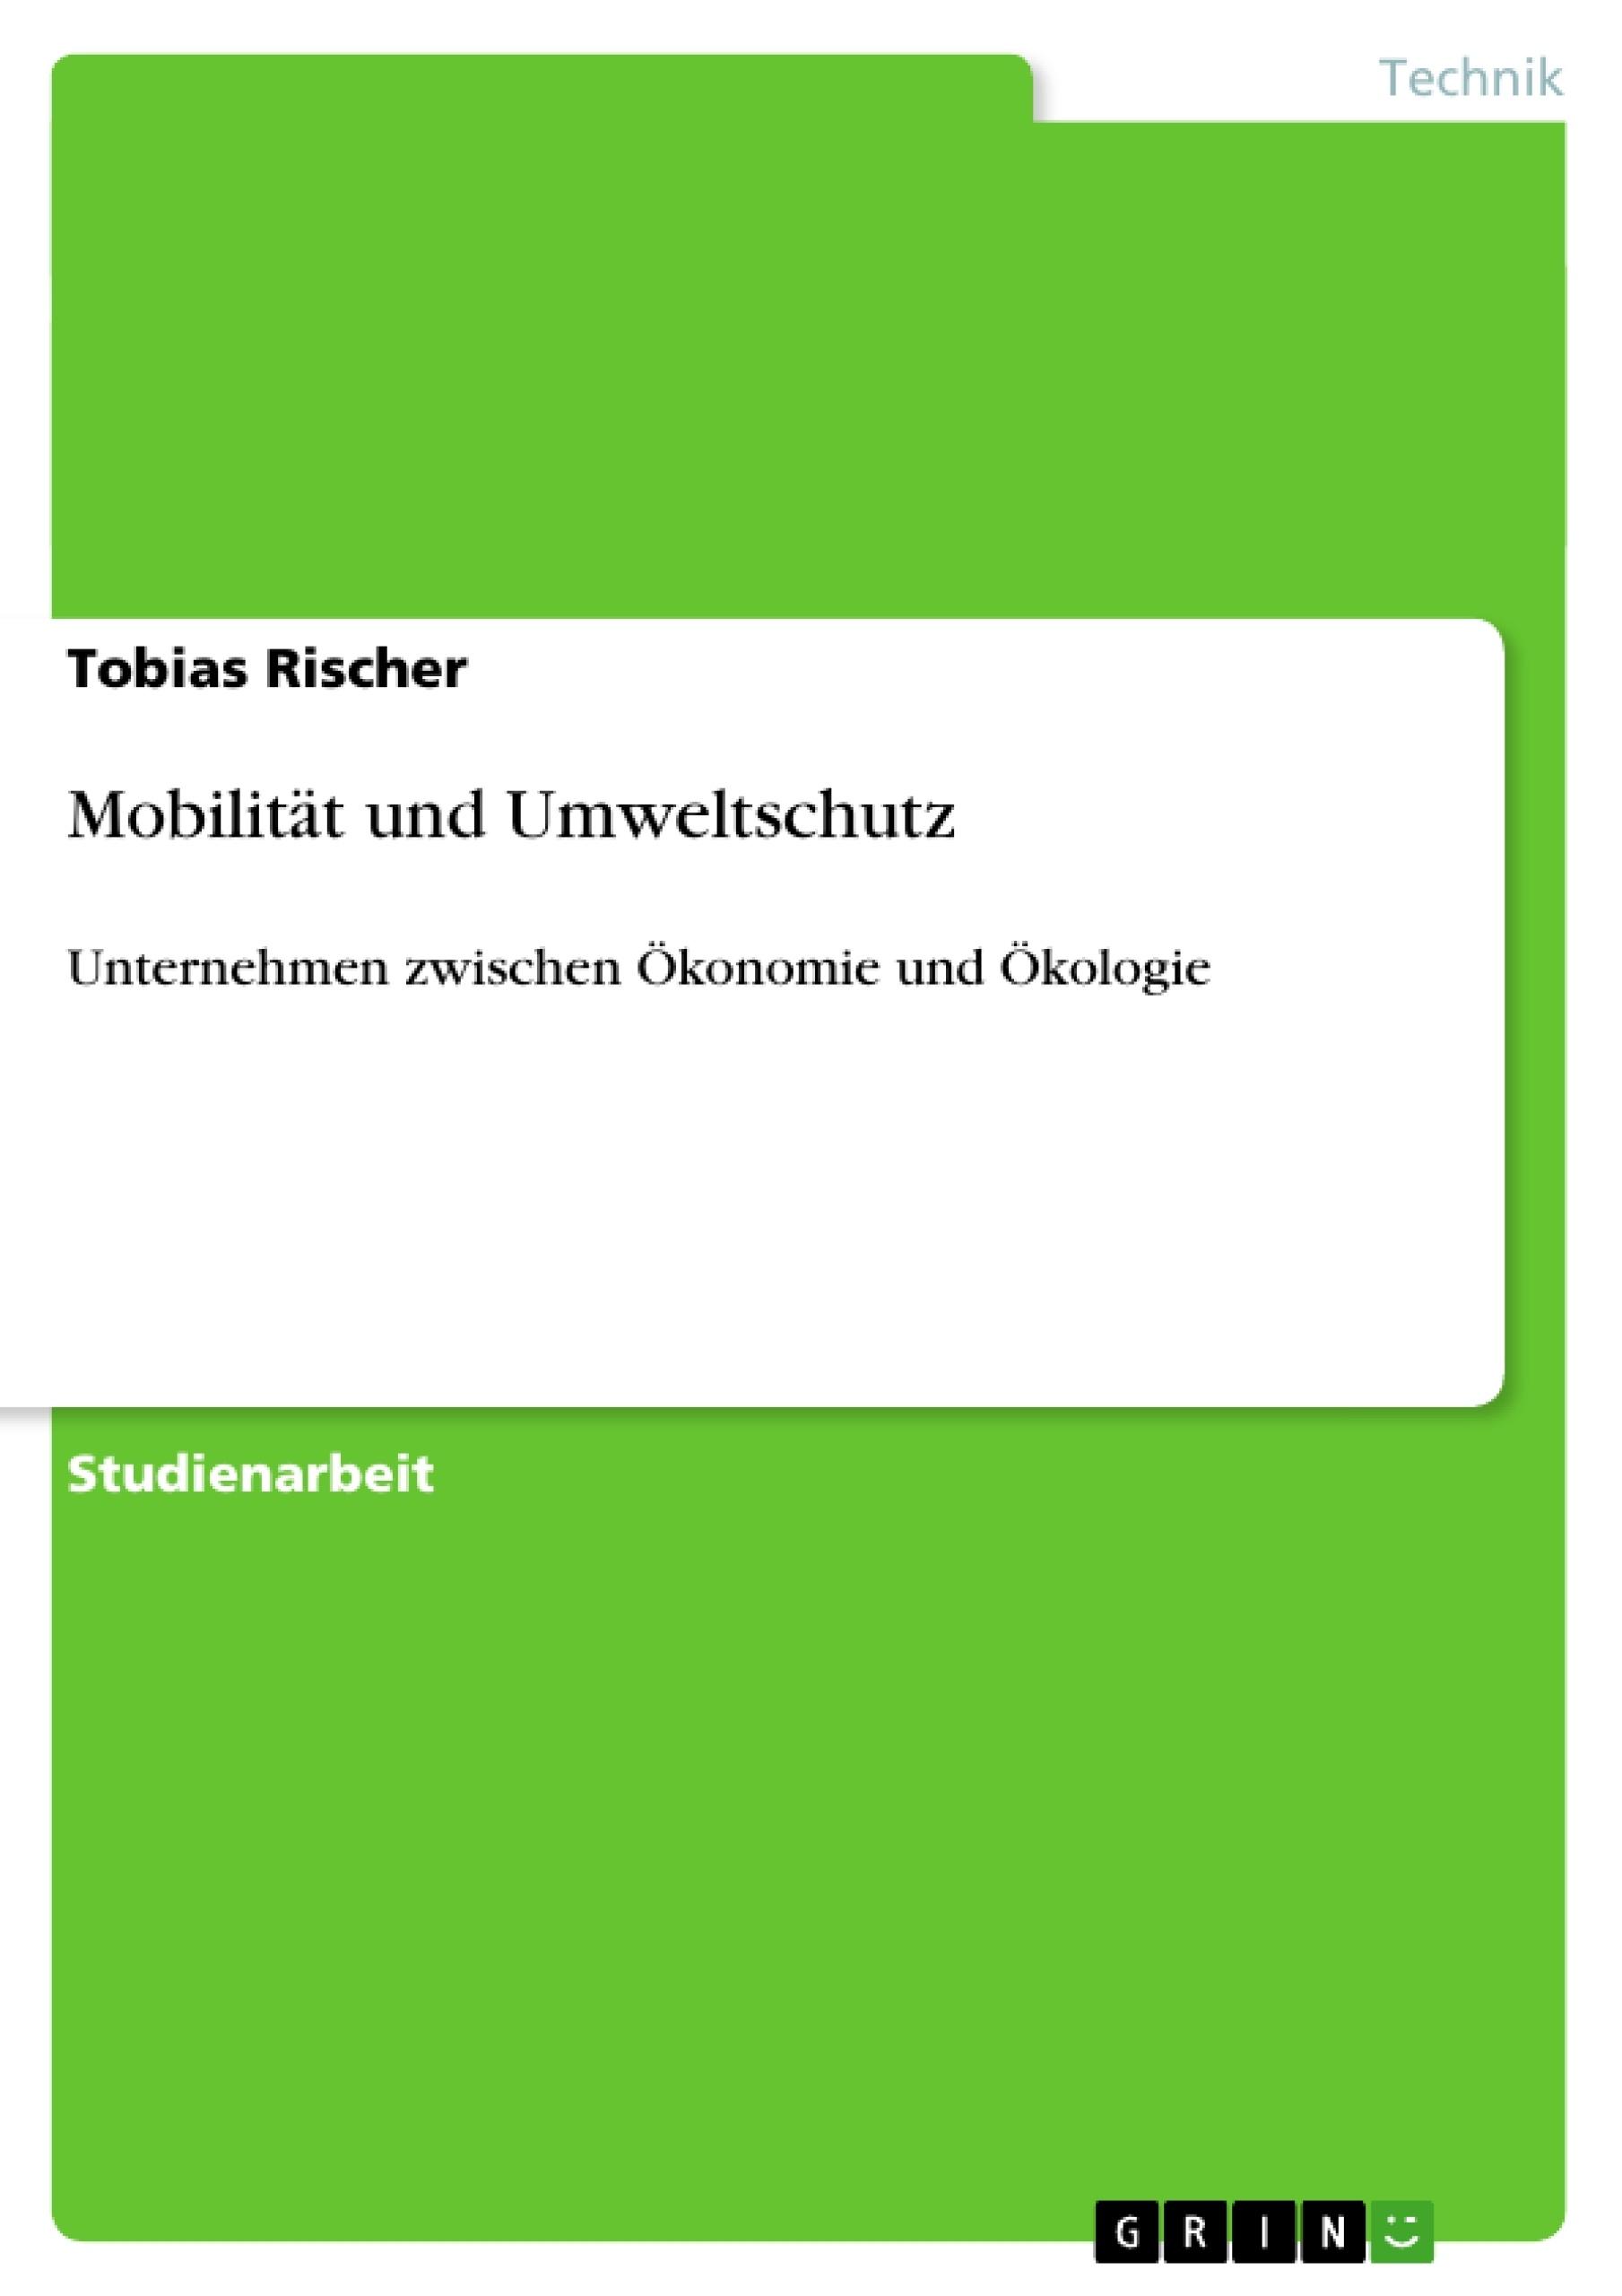 Titel: Mobilität und Umweltschutz